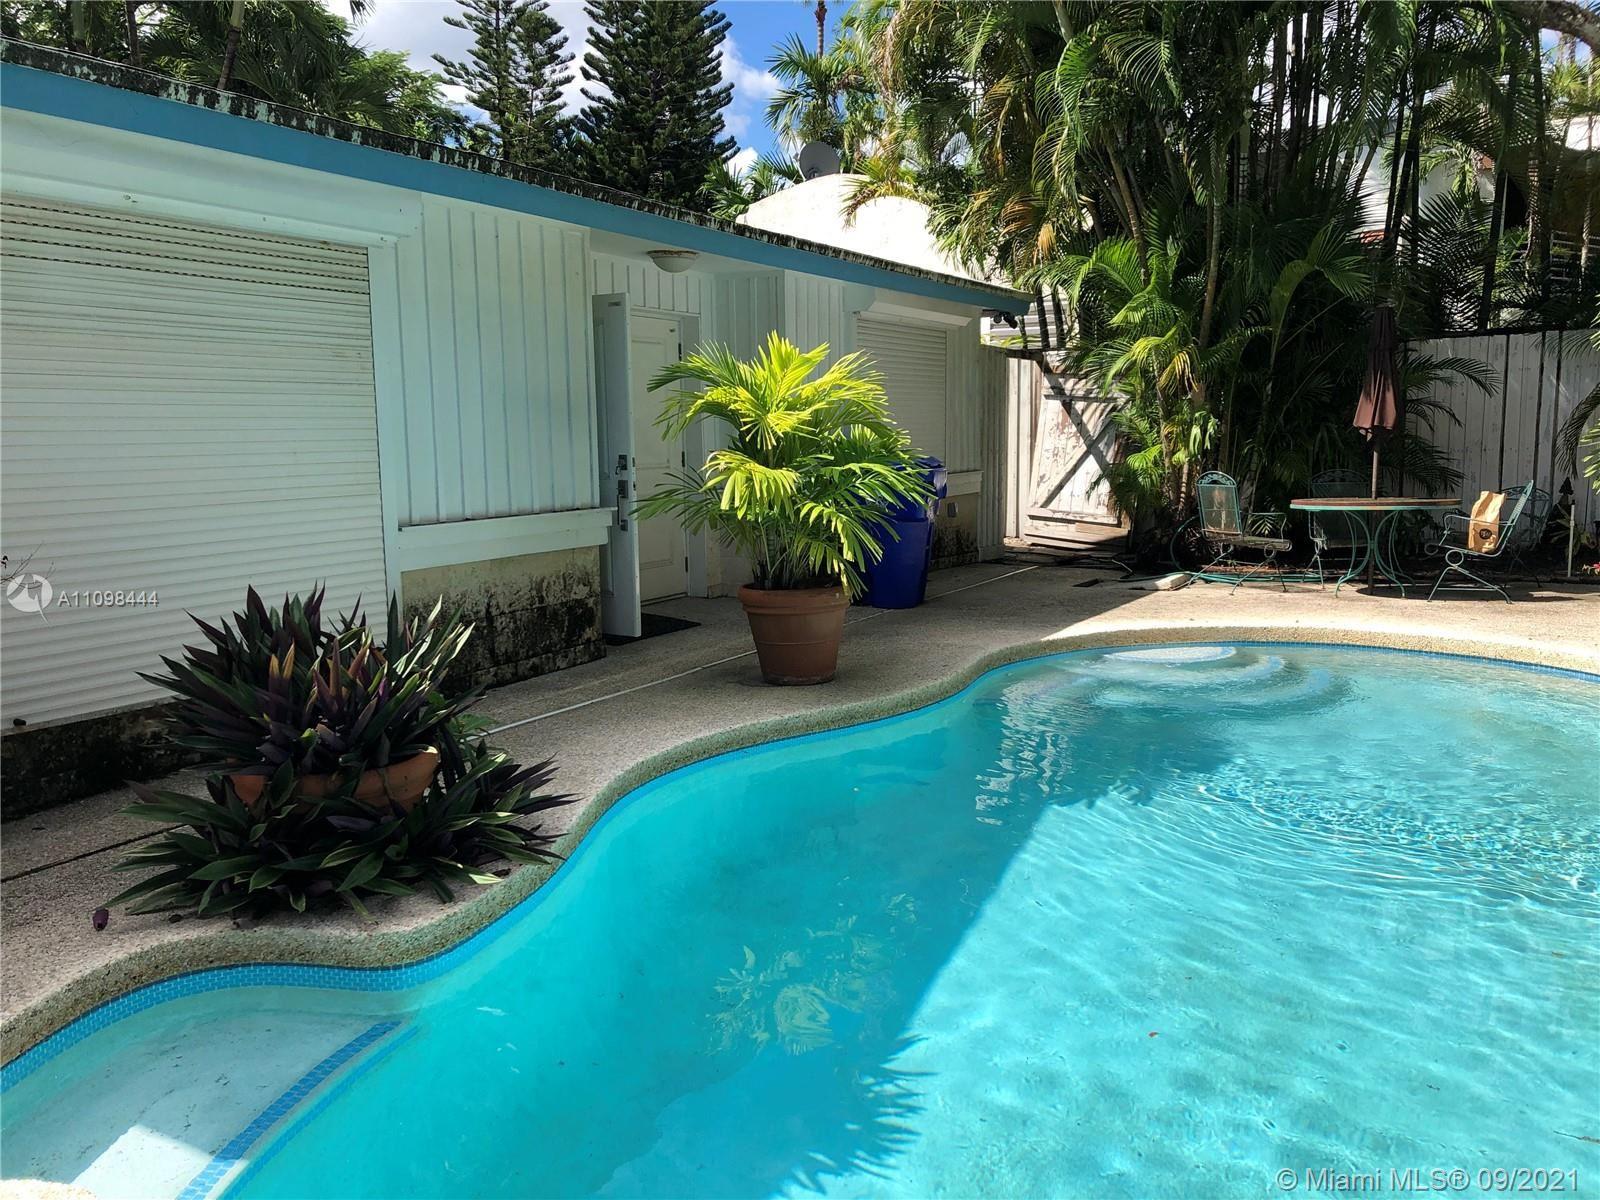 4140 Pamona Ave, Miami, FL 33133 - #: A11098444